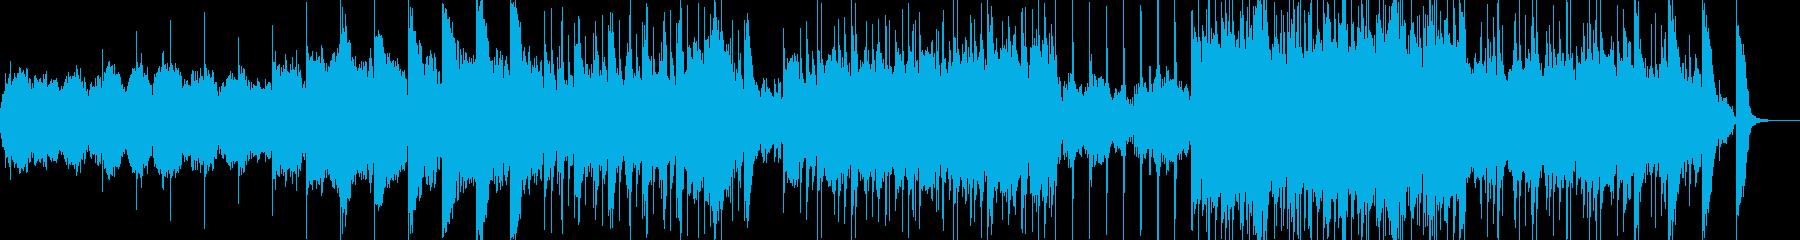 素朴な和風BGMの再生済みの波形